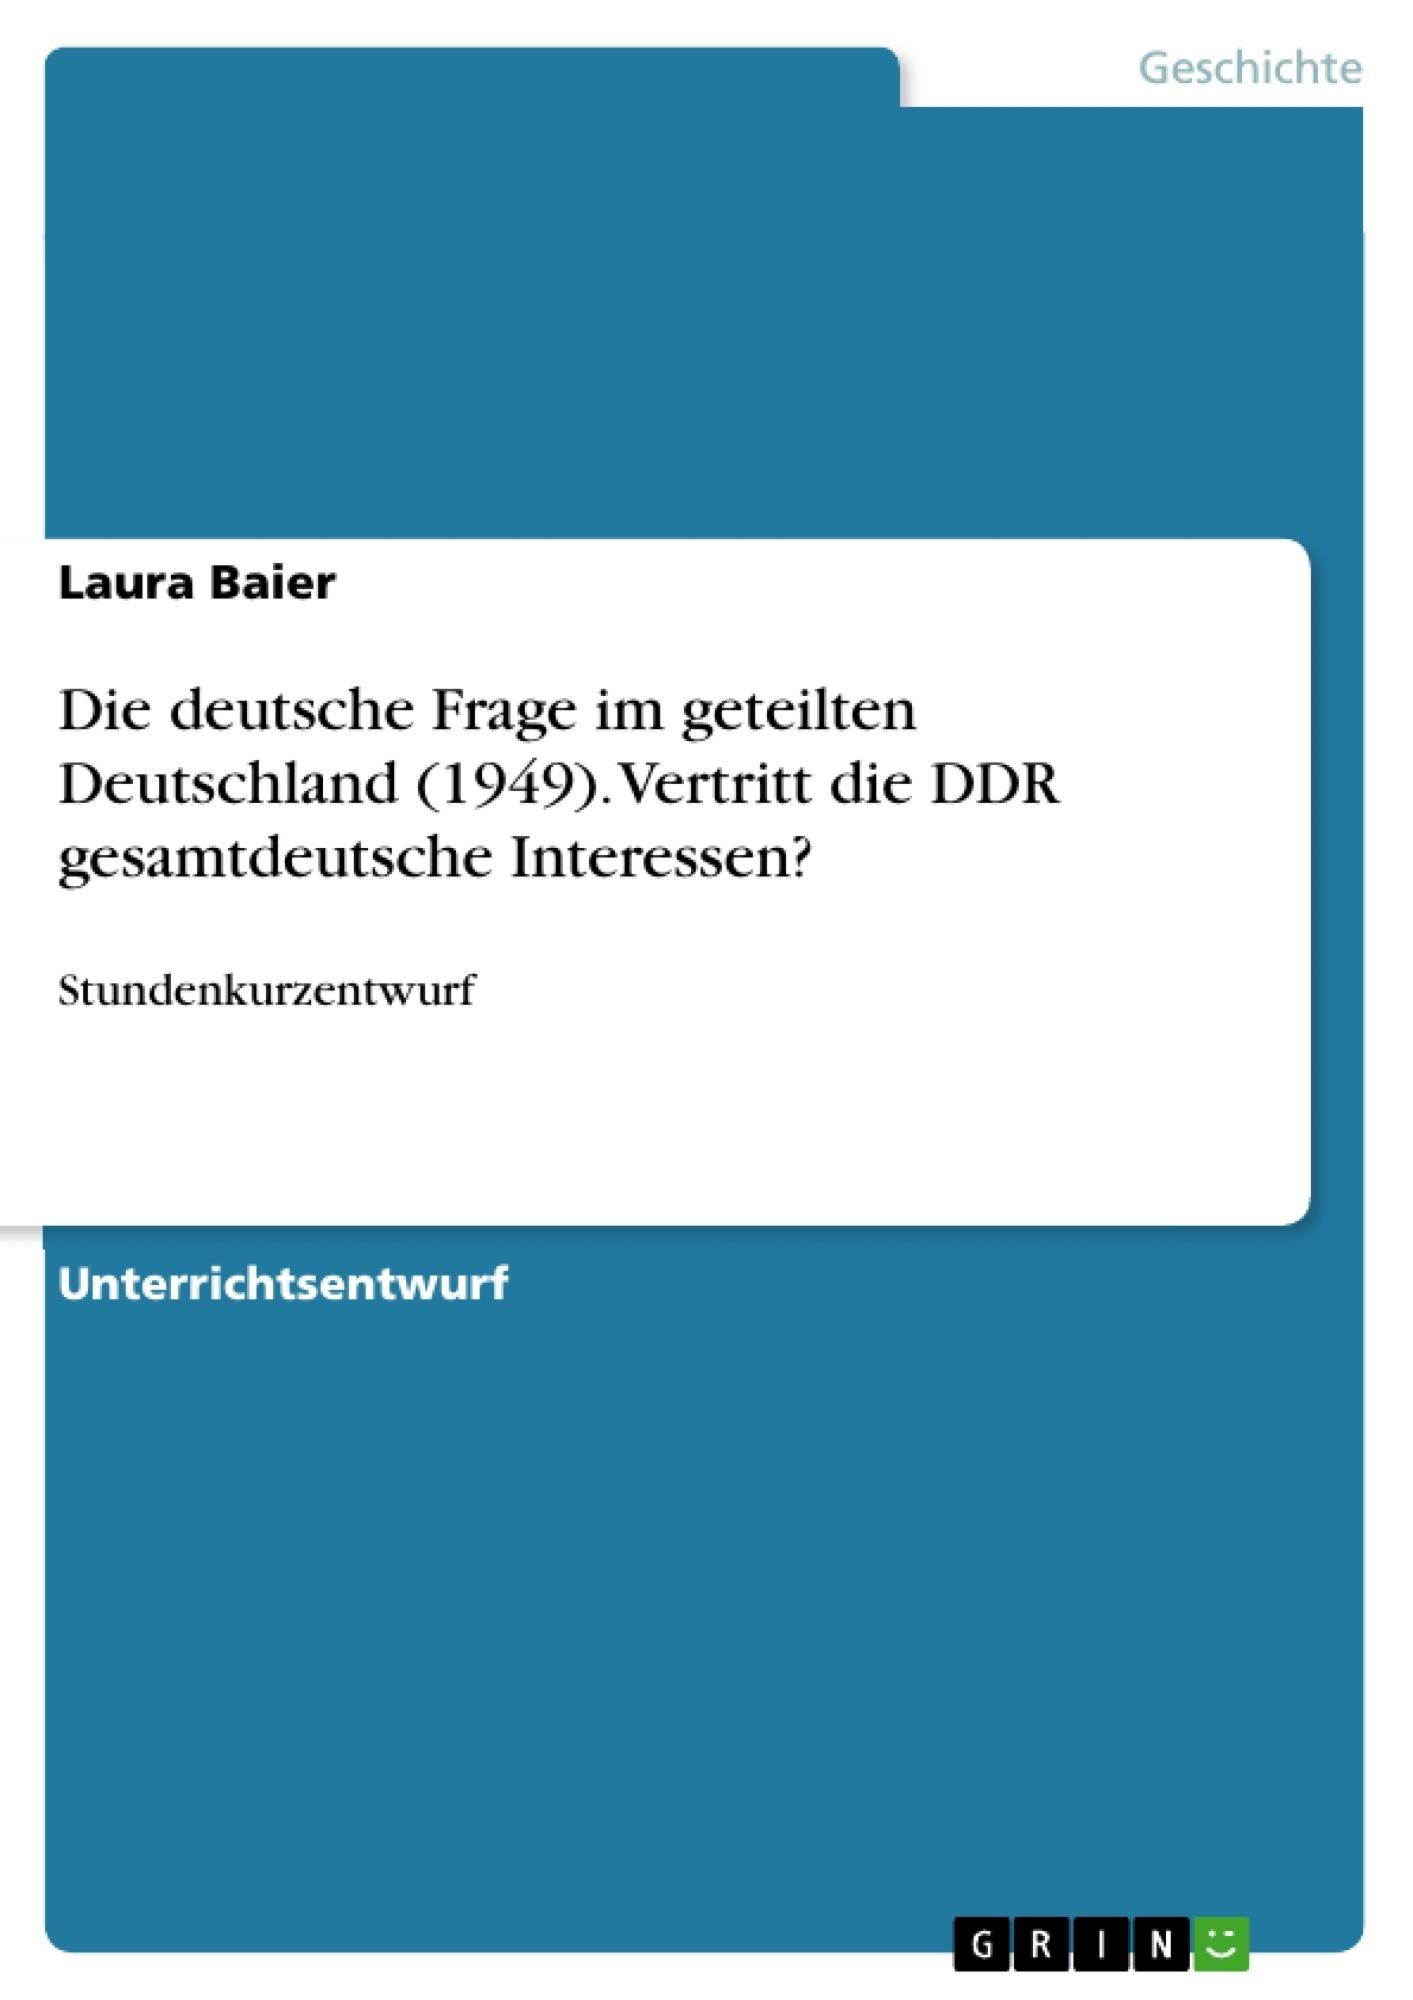 Titel: Die deutsche Frage im geteilten Deutschland (1949). Vertritt die DDR gesamtdeutsche Interessen?